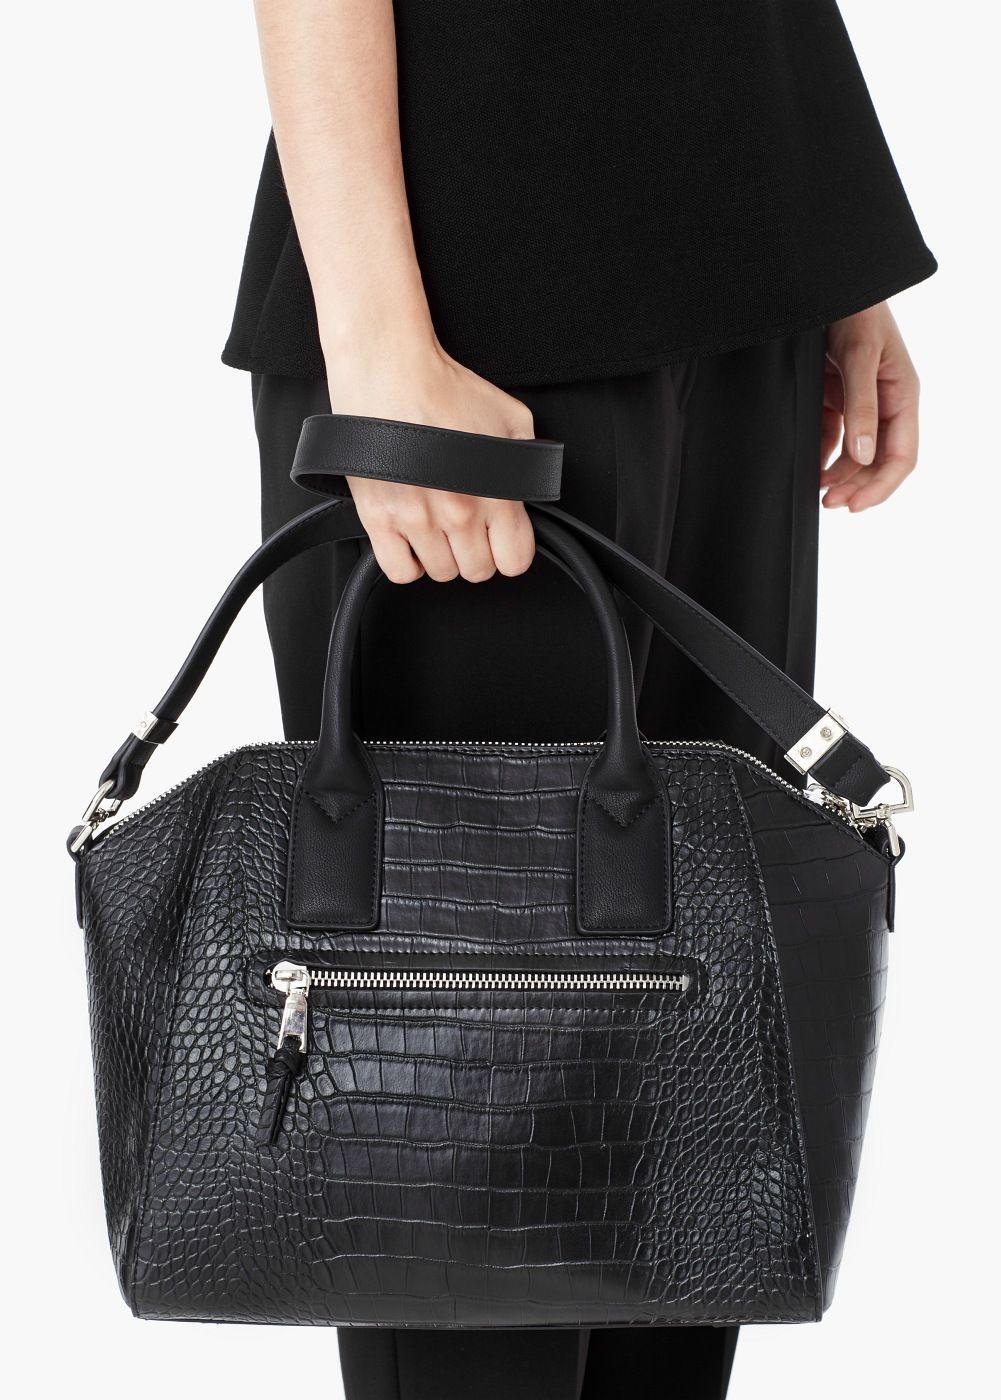 4f20236d25 Zip tote bag